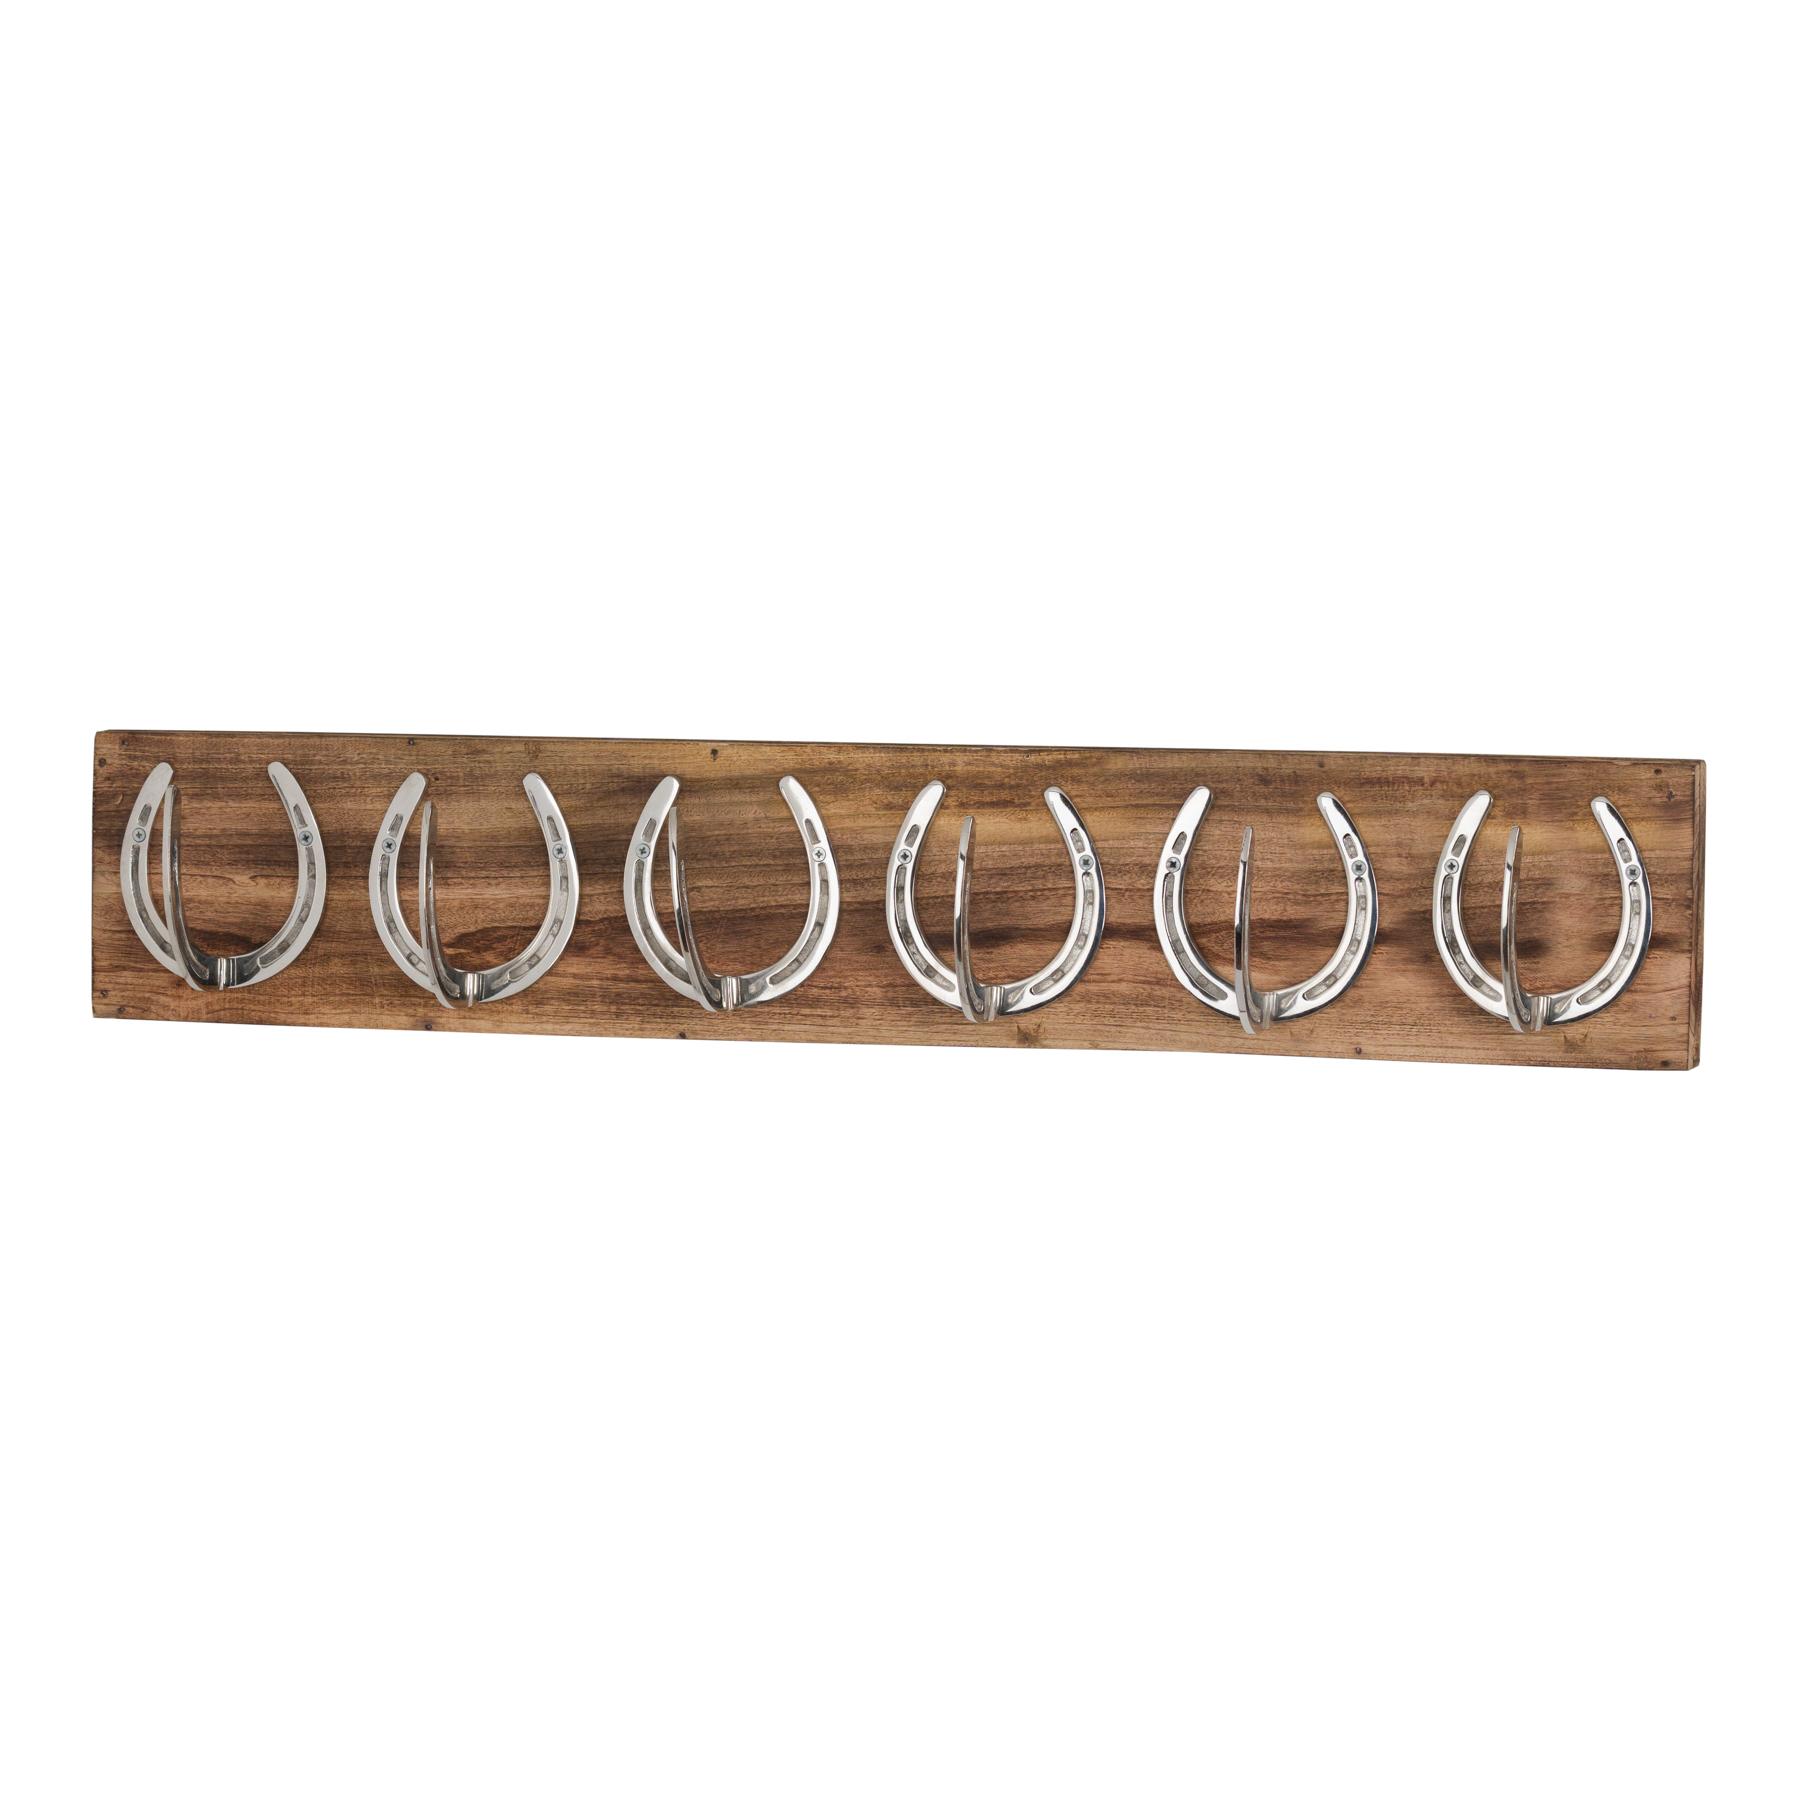 Six Nickel Horse Shoe Hooks On Wooden Board - Image 1